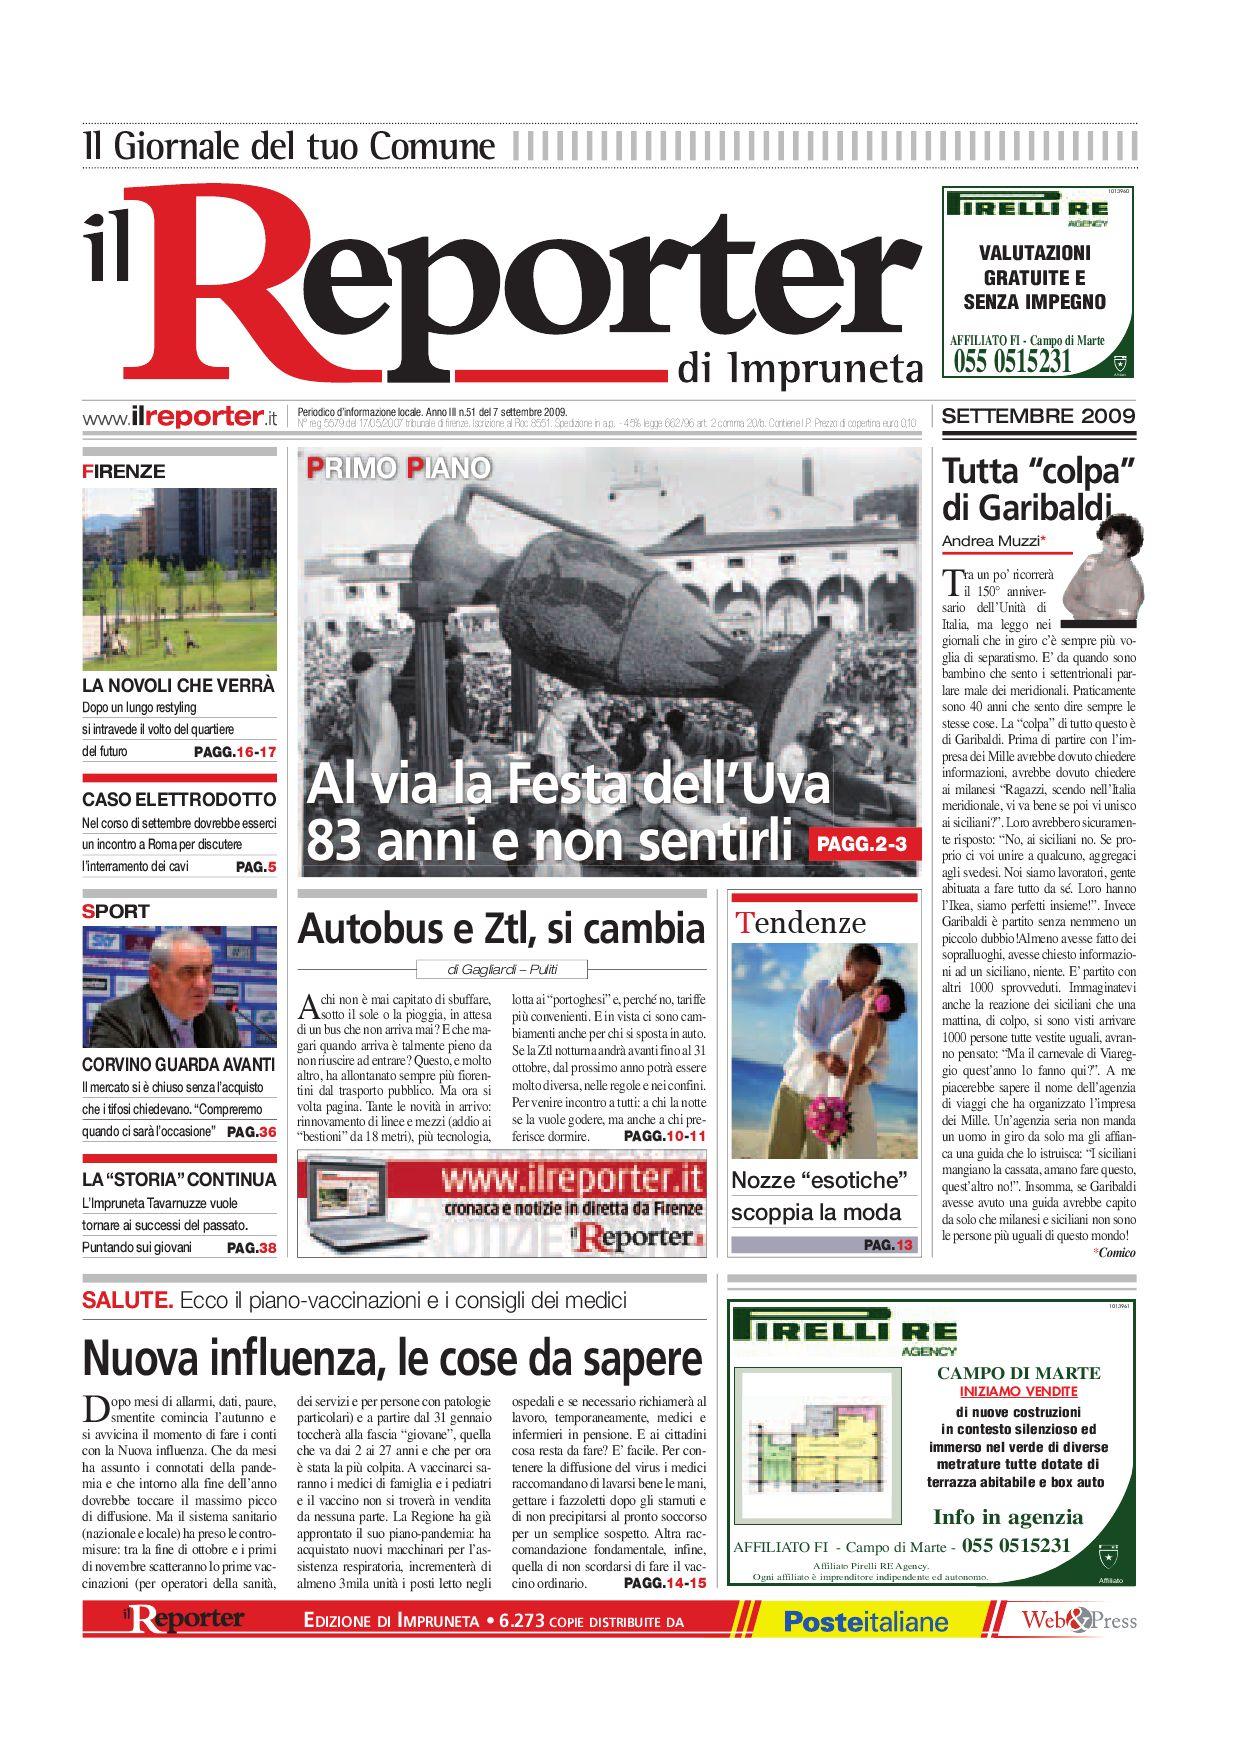 Il reporter-Impruneta-settembre 2009 by ilreporter - issuu 116914e3830b